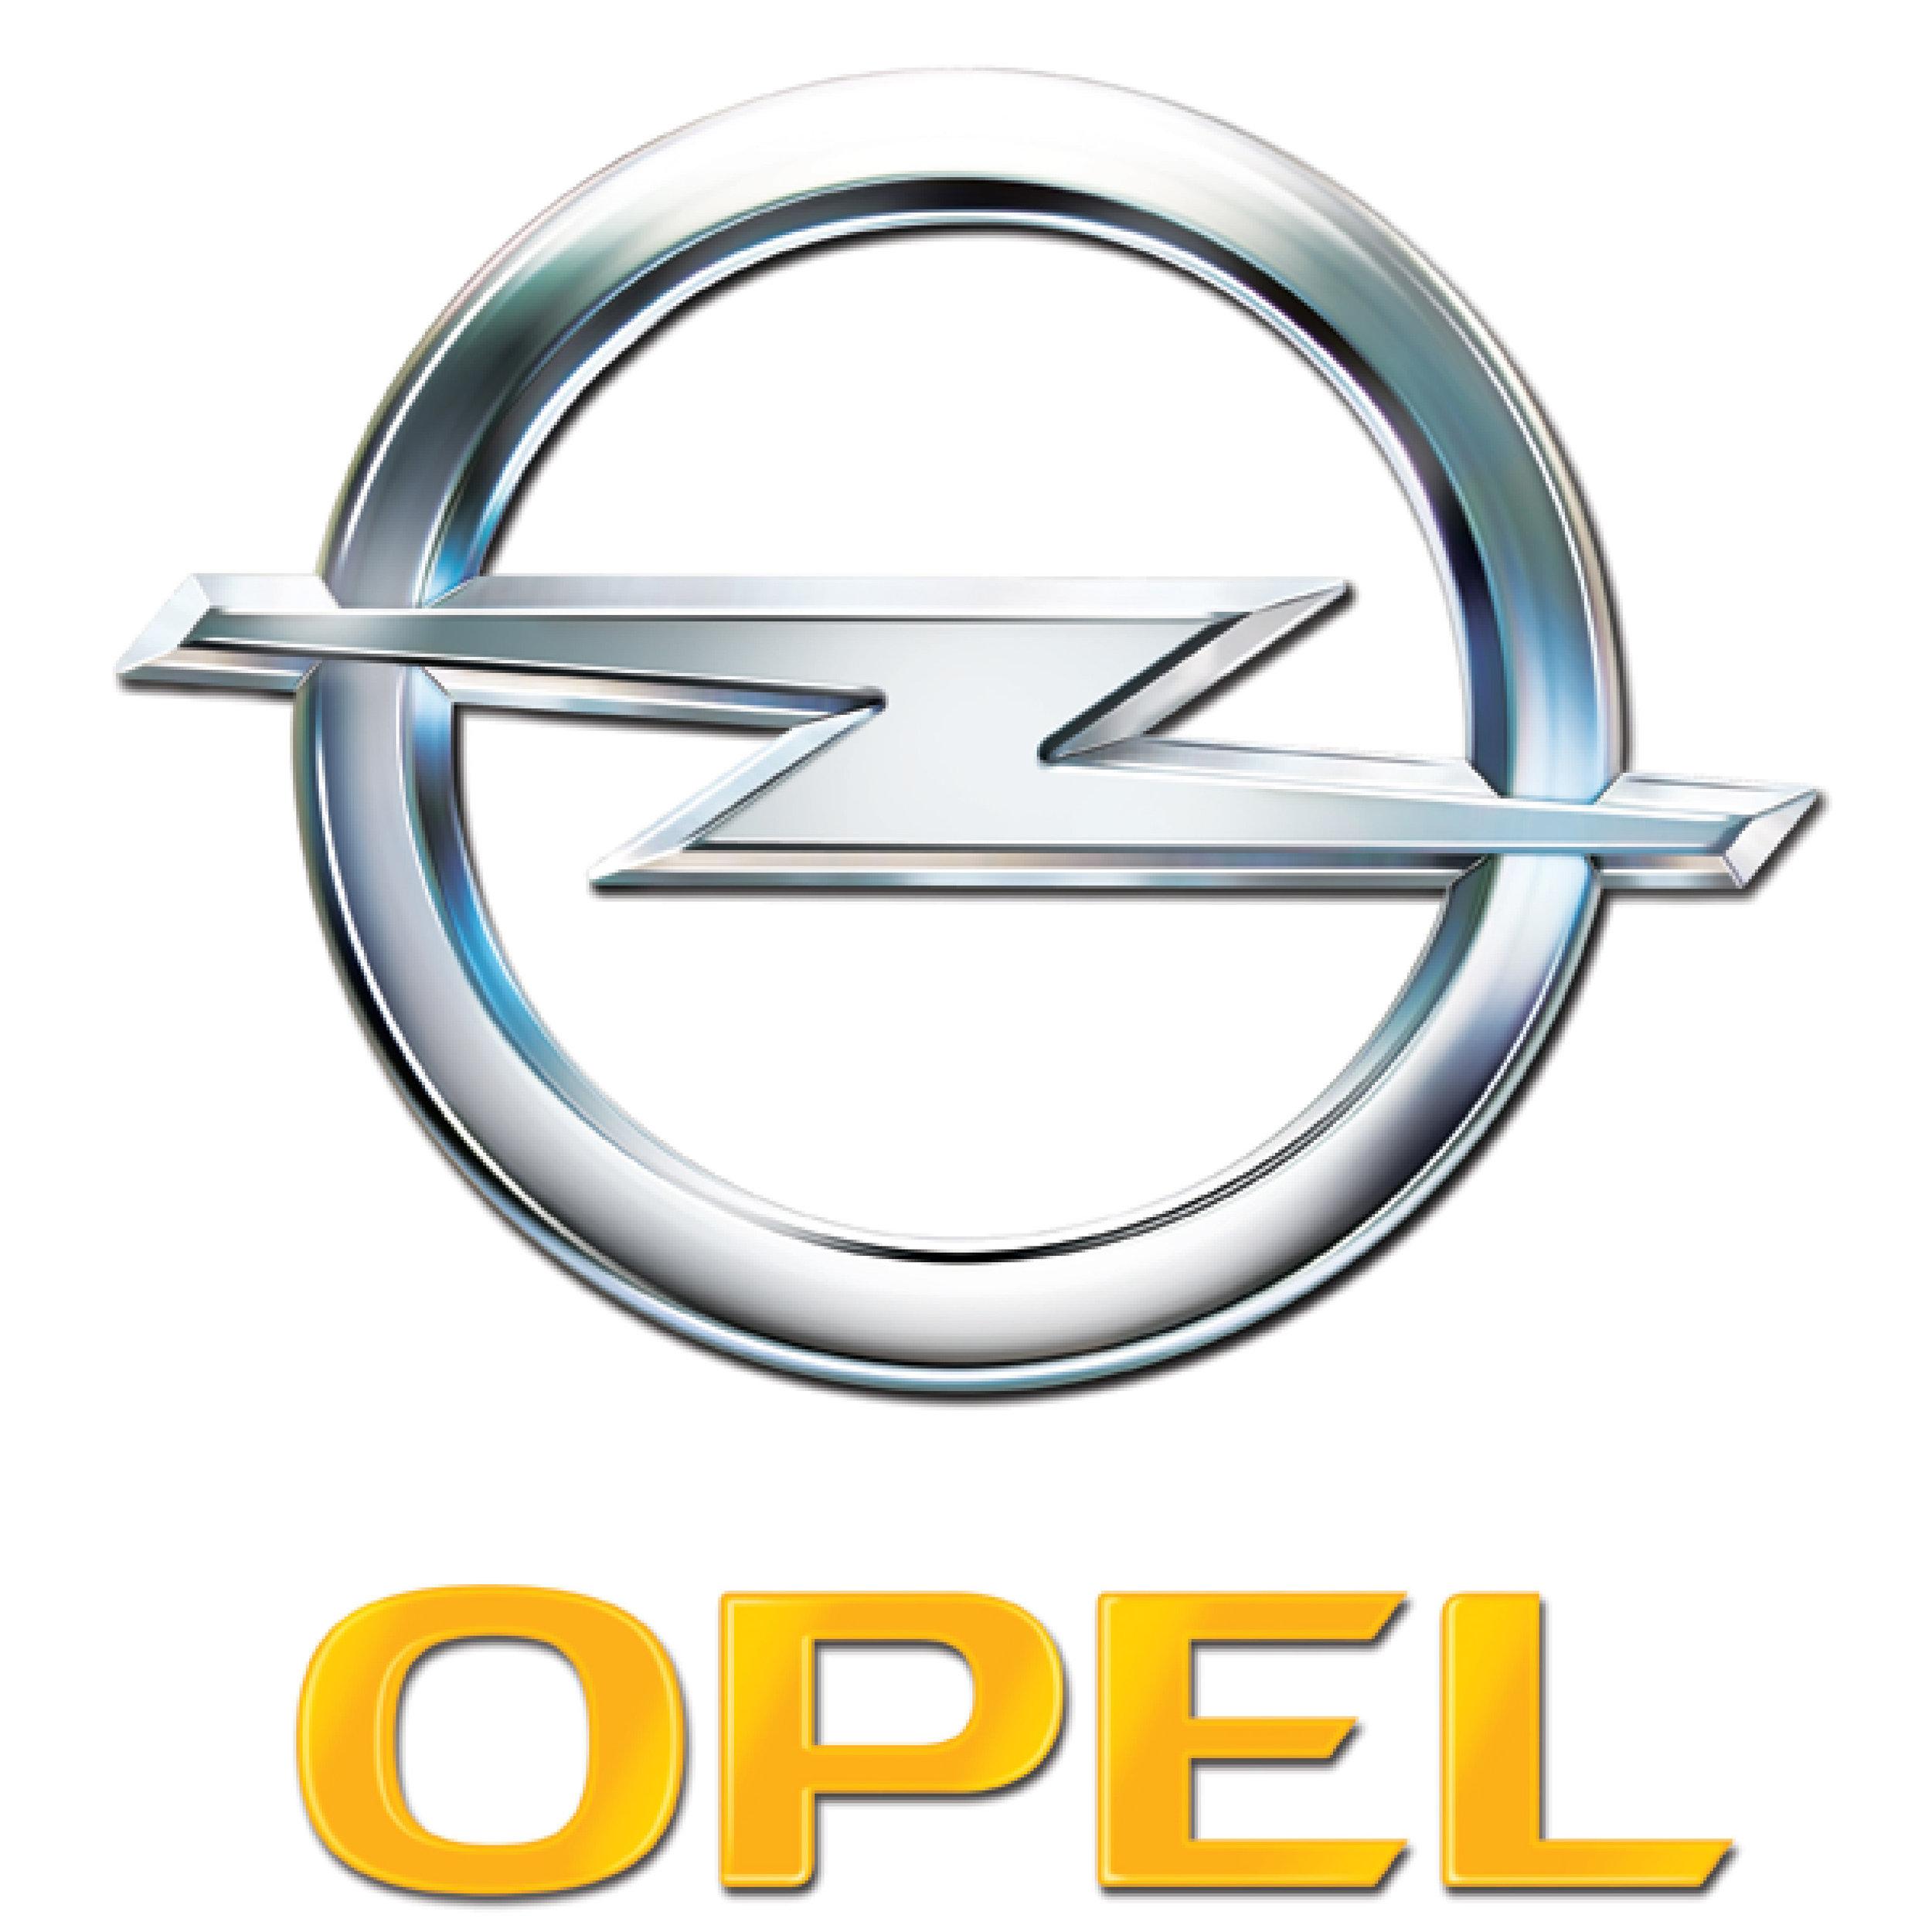 Opel_Logo_08.jpg